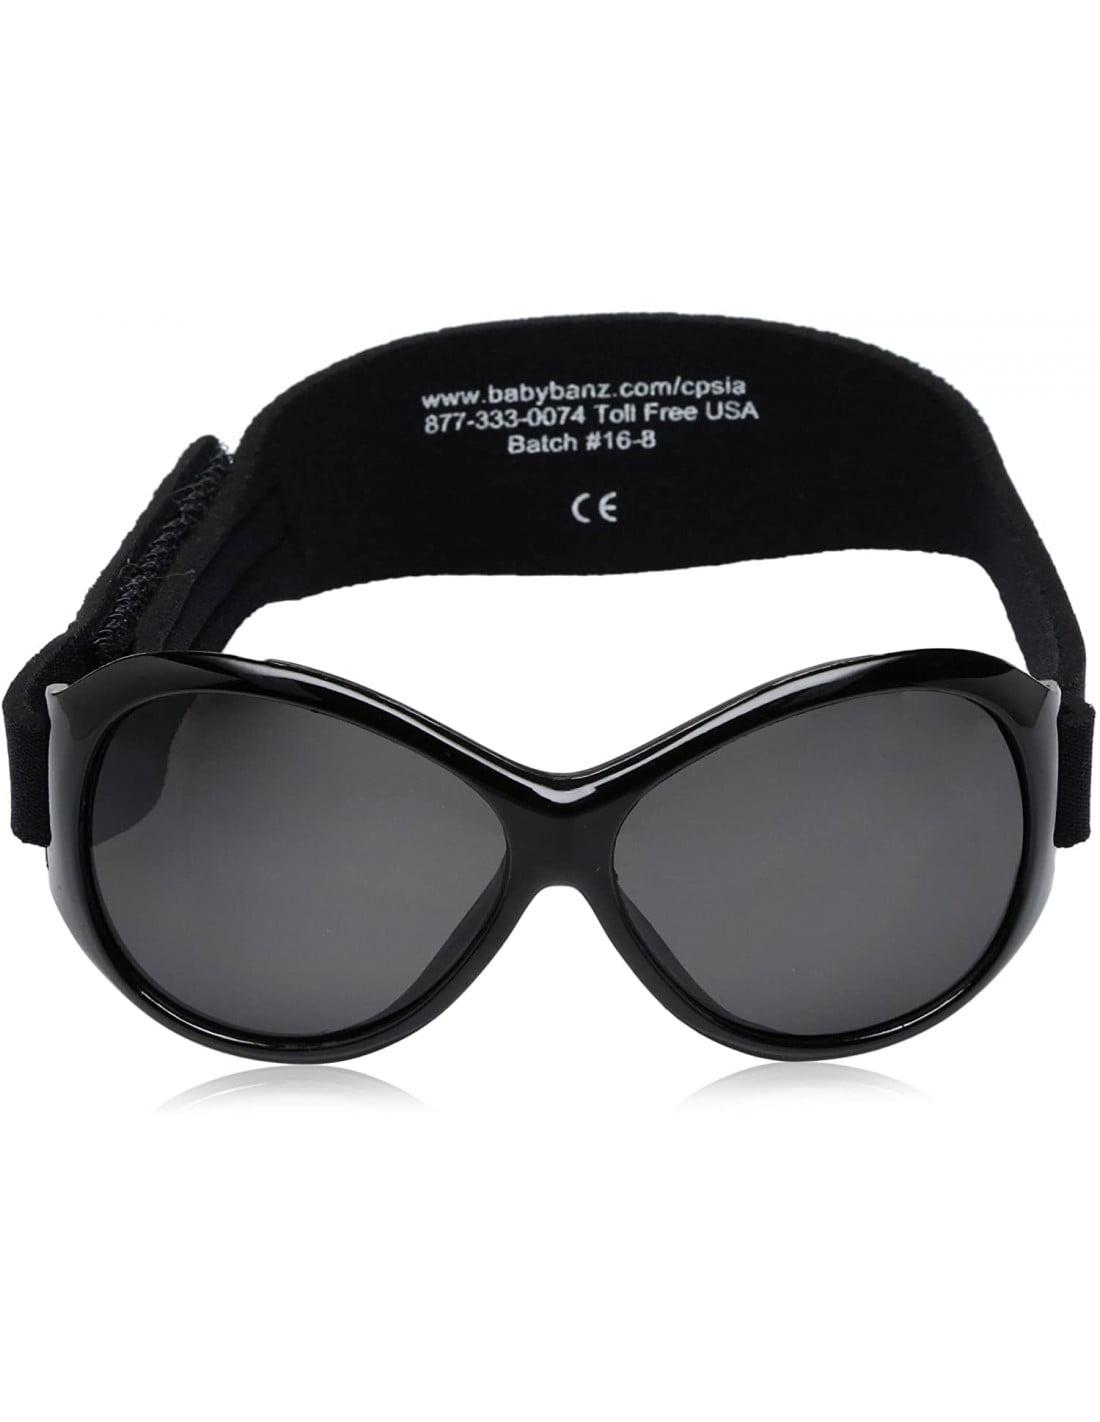 Ochelari de soare Bebe 0-2 ani Retro Oval Black (negri) Banz